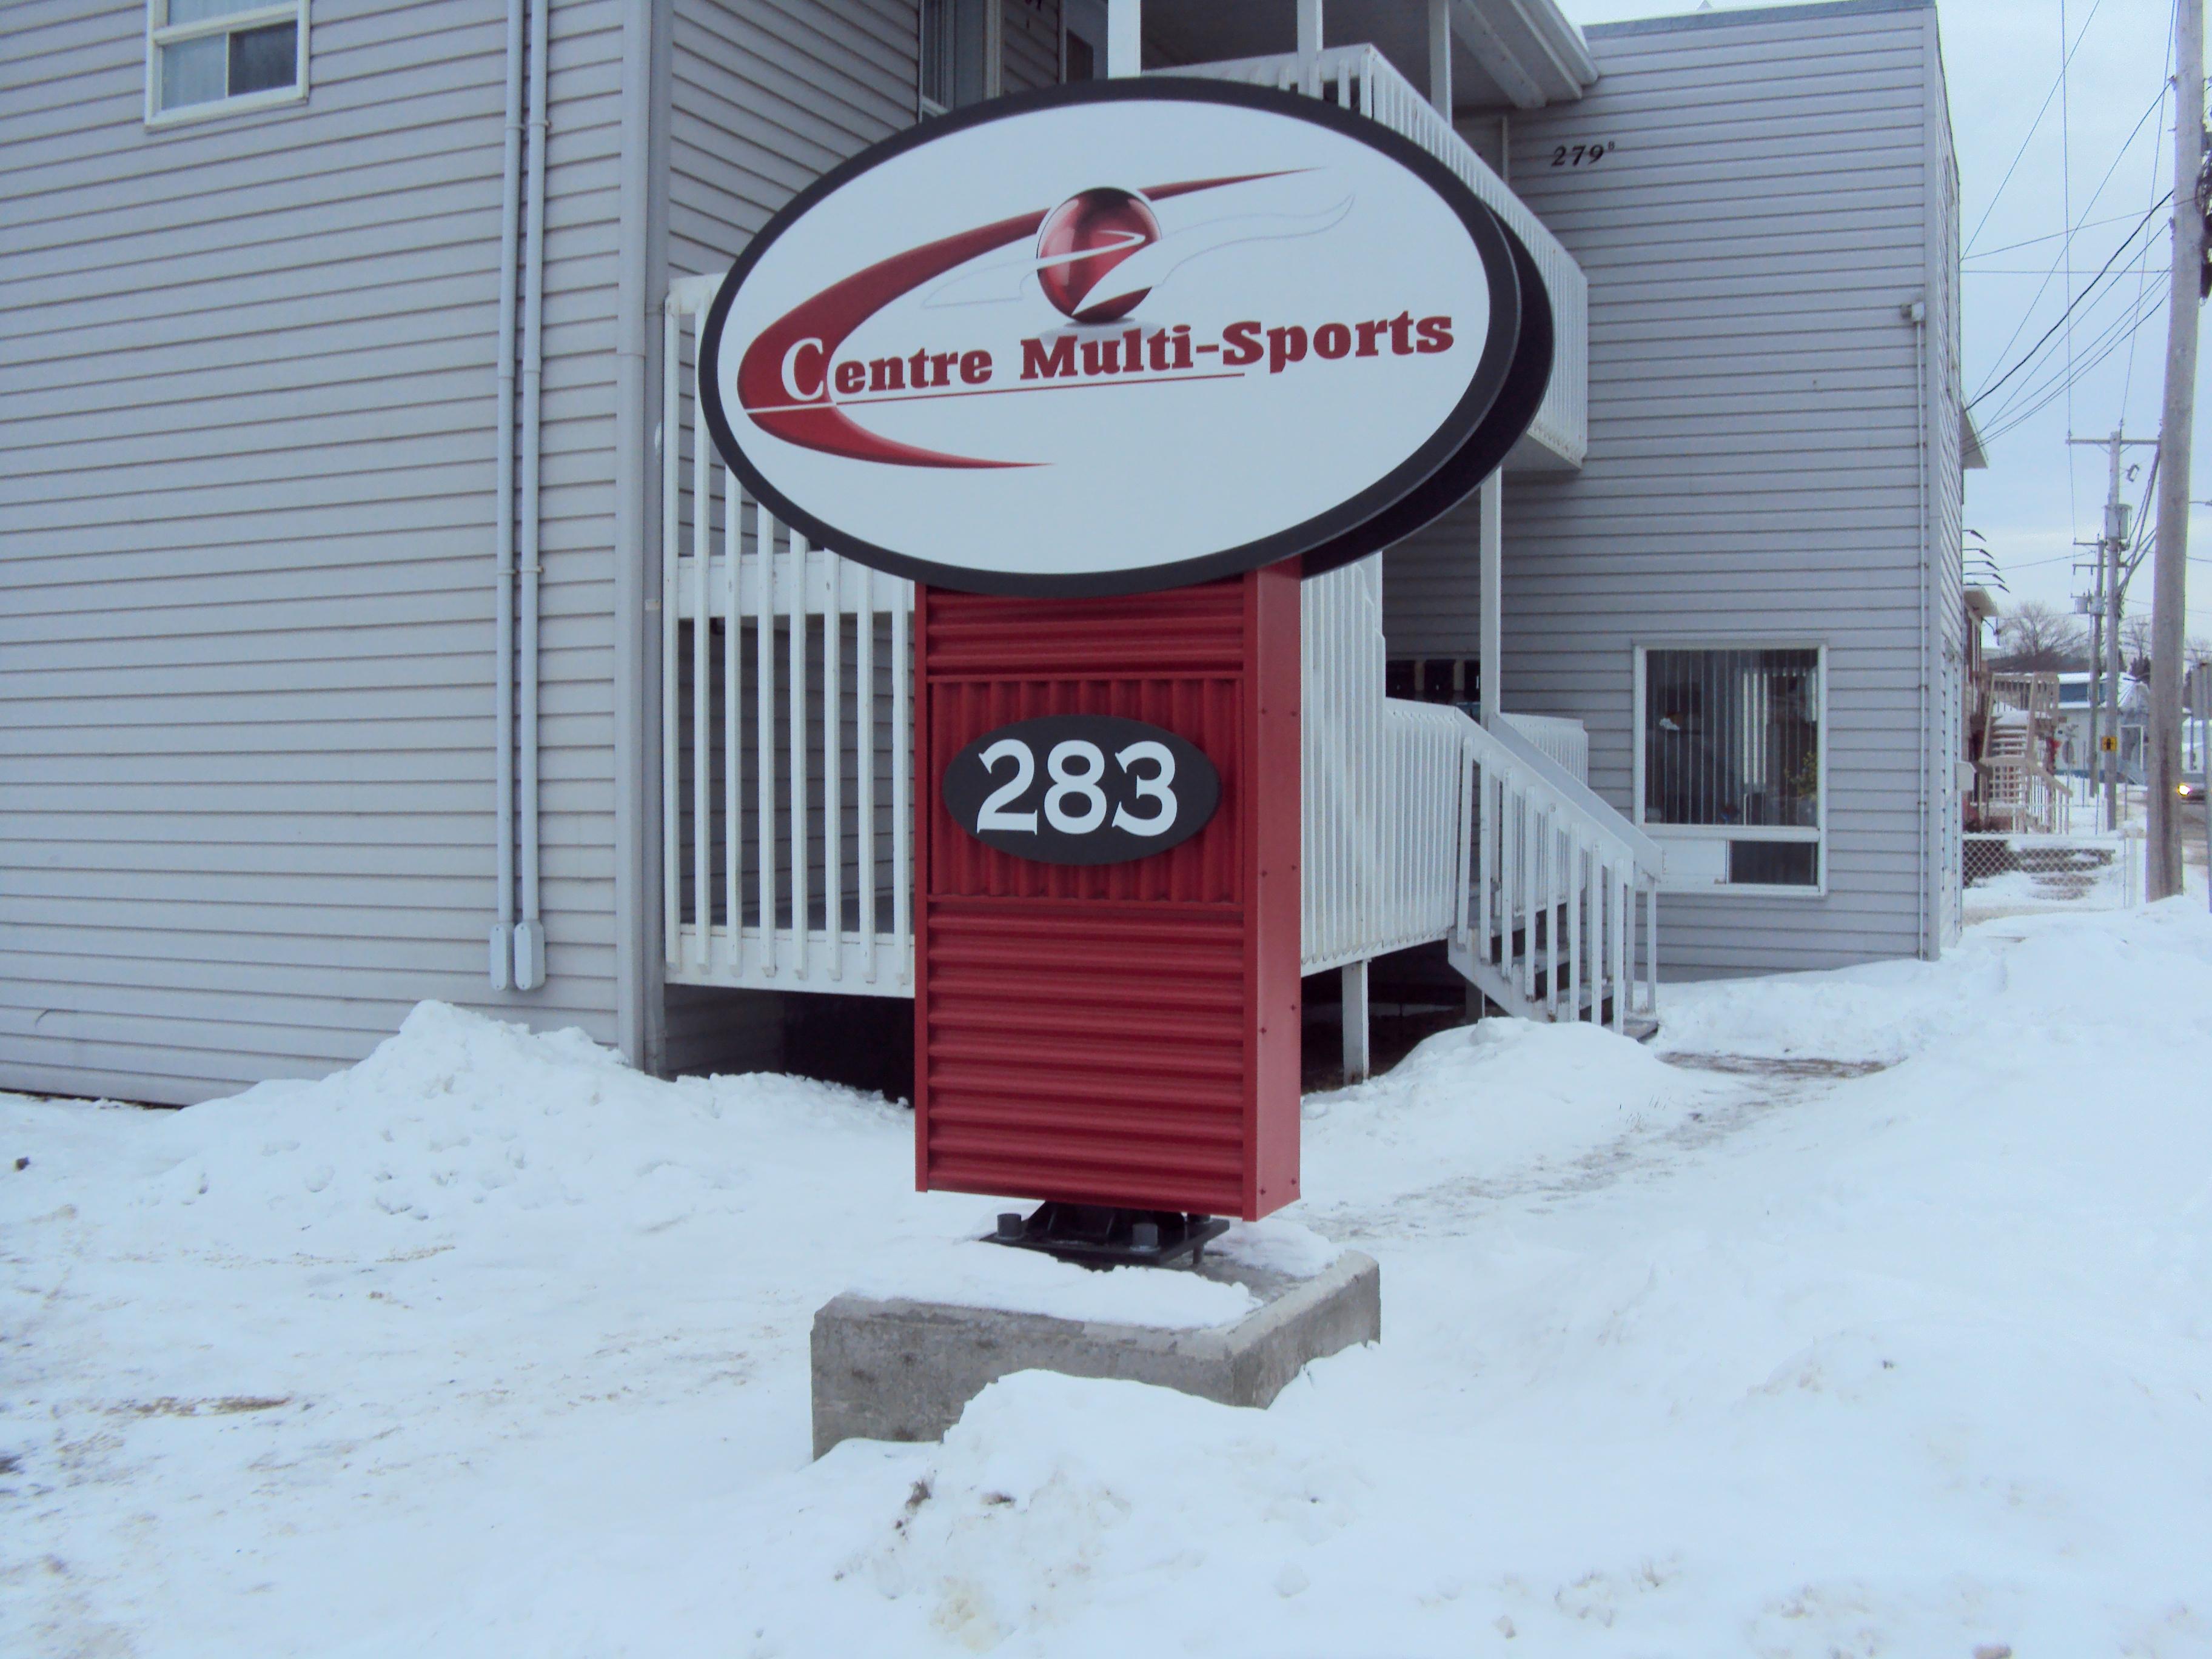 Centre Multi-Sports